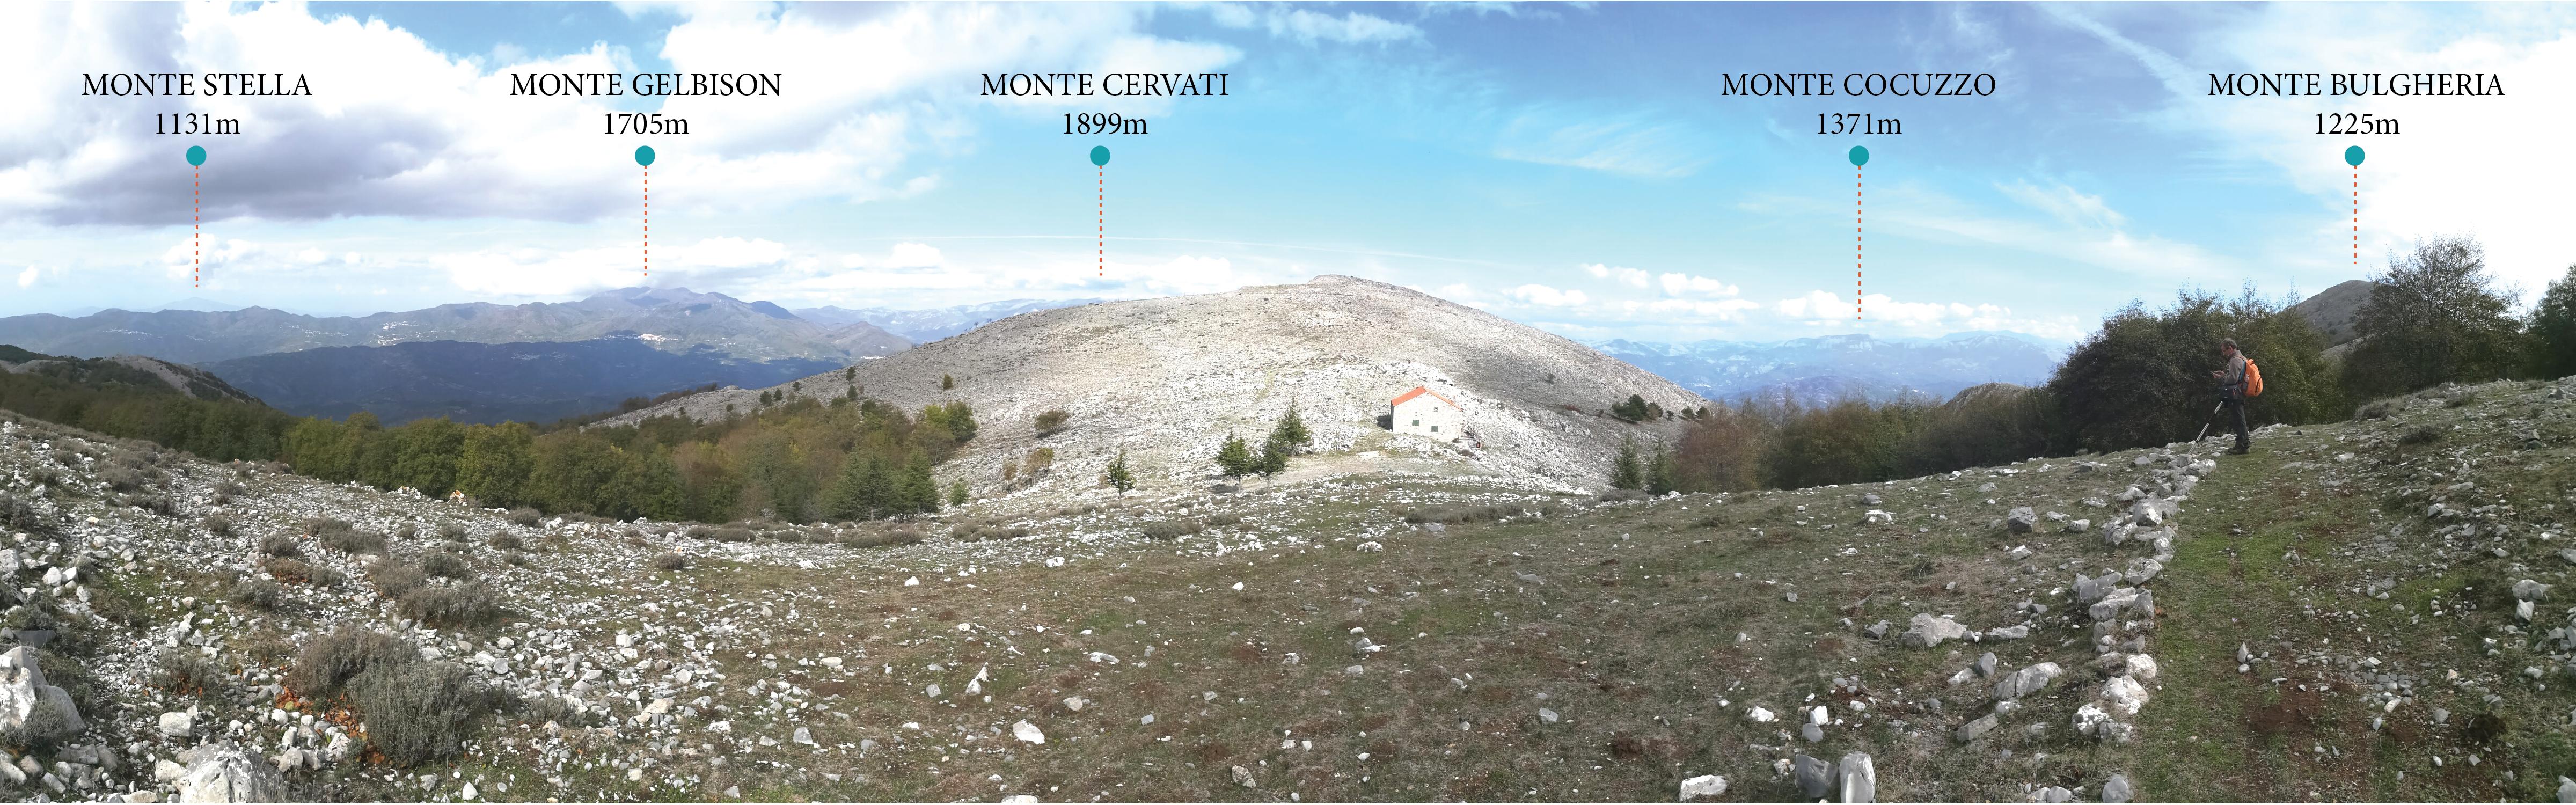 paesaggio monte bulgheria-01-01